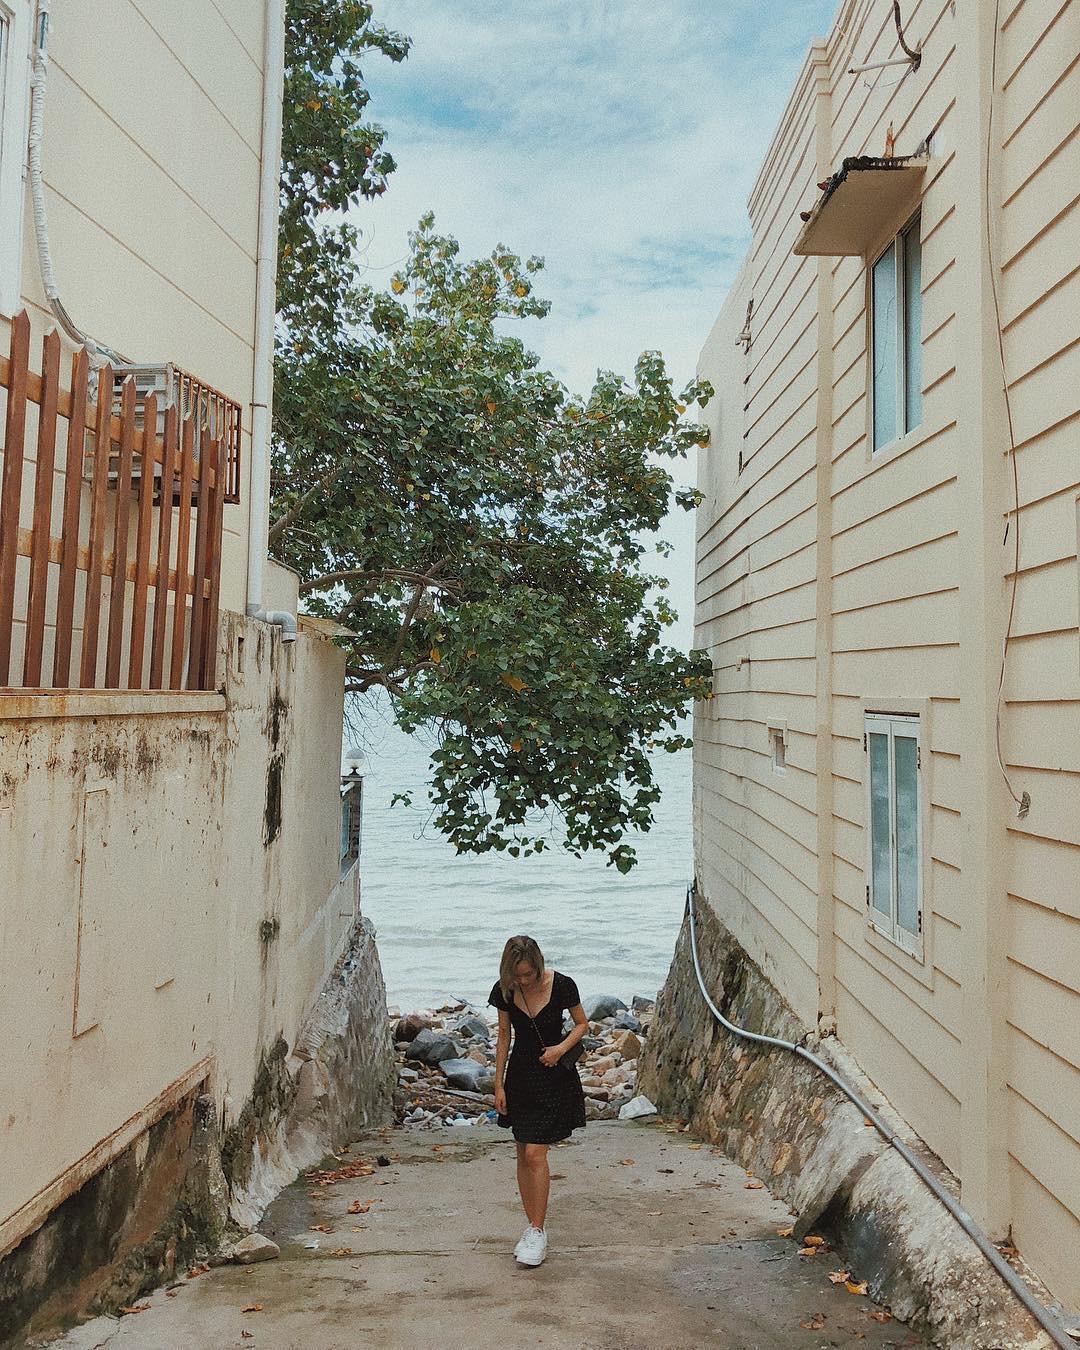 Con hẻm sống ảo tại Vũng Tàu đang là địa điểm được giới trẻ check-in rần rần trên Instagram - Ảnh 8.